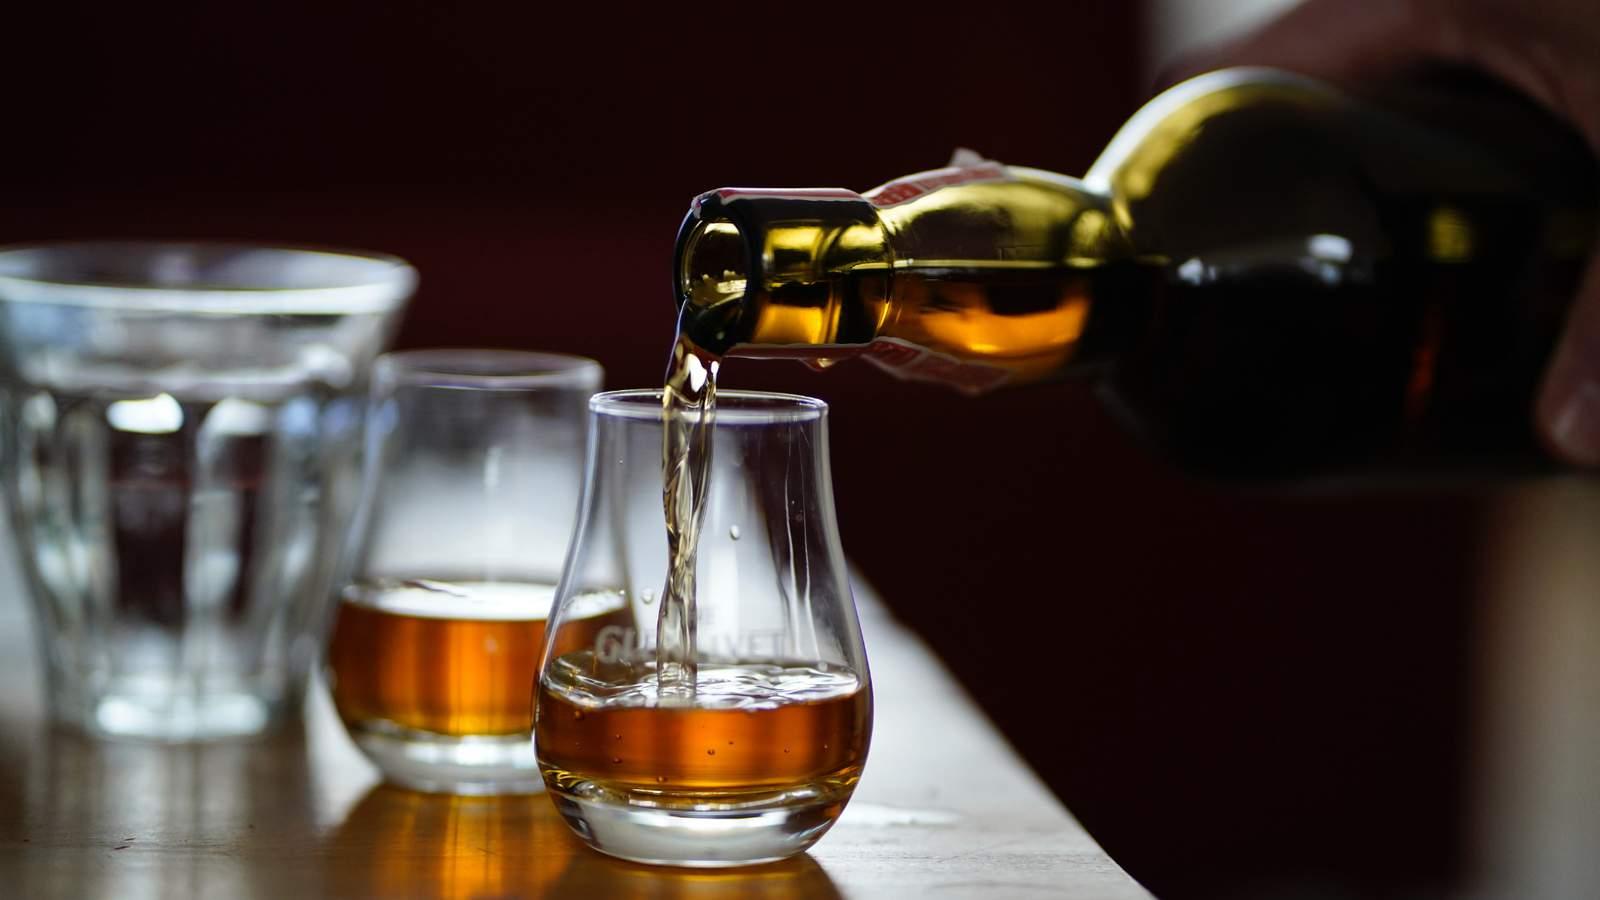 State suspends 3 liquor licenses, cites 4 establishments for violating Michigan COVID order - WDIV ClickOnDetroit